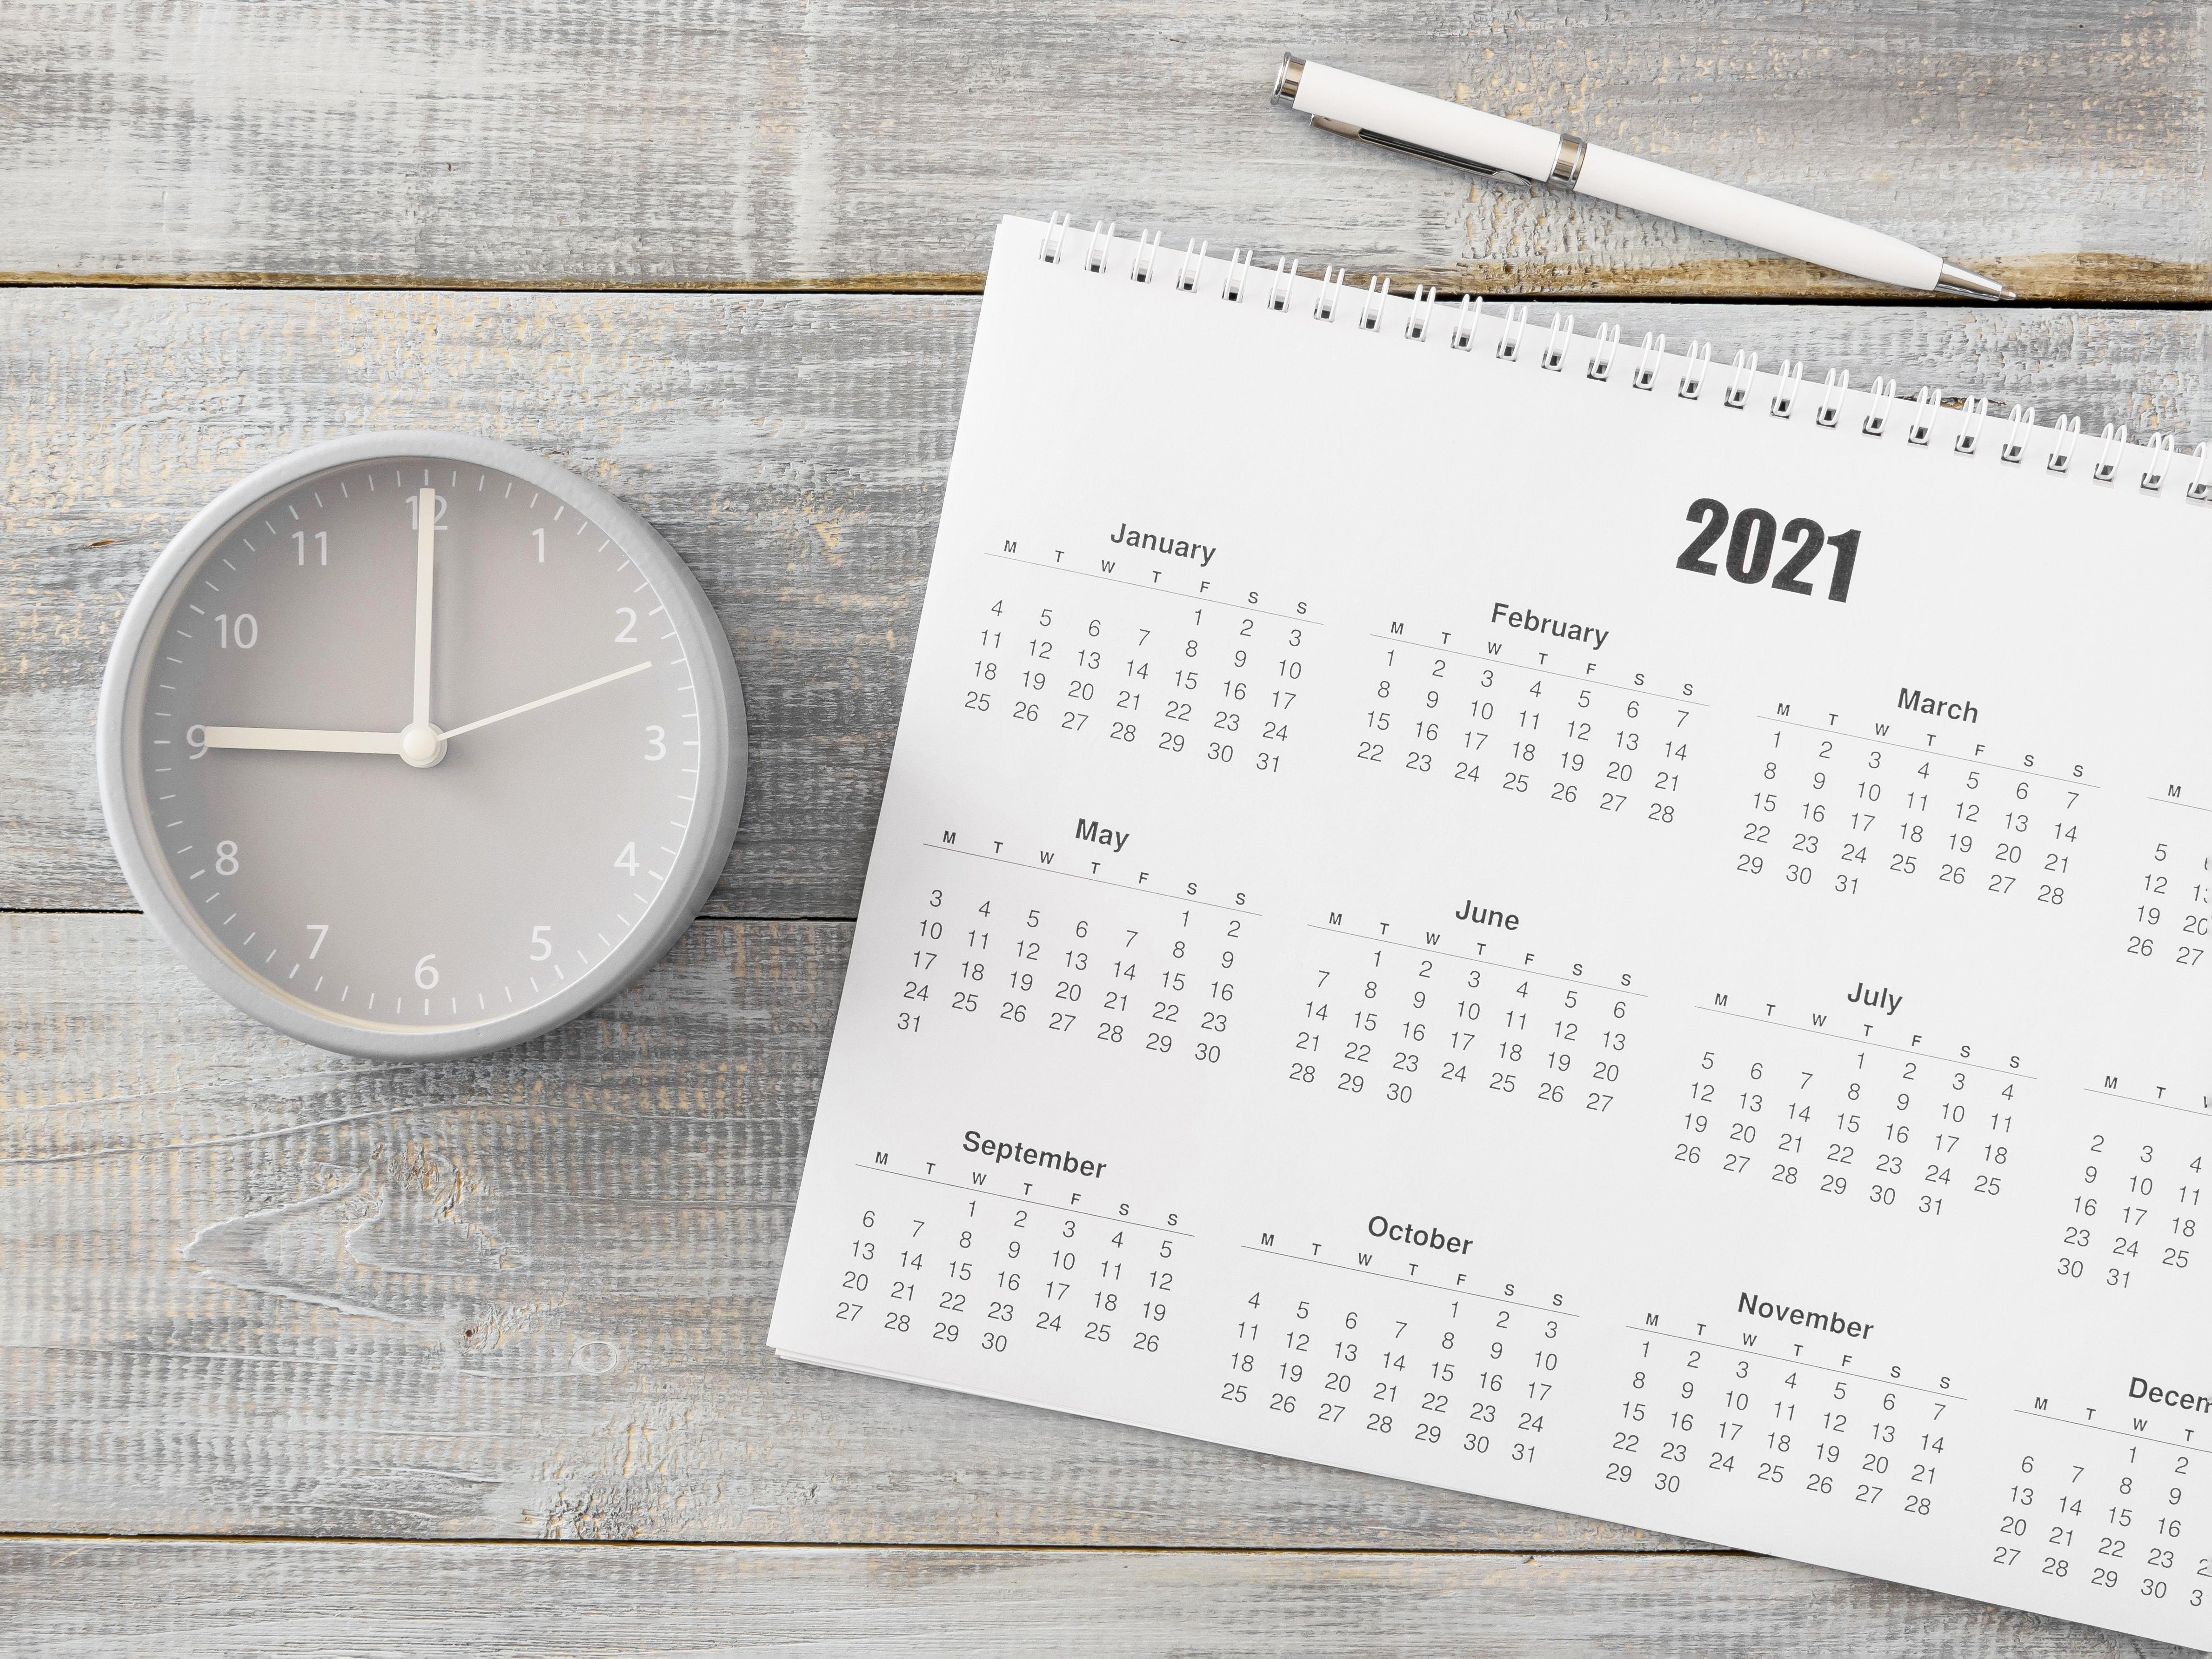 Beneficis de la jornada intensiva laboral… durant tot l'any